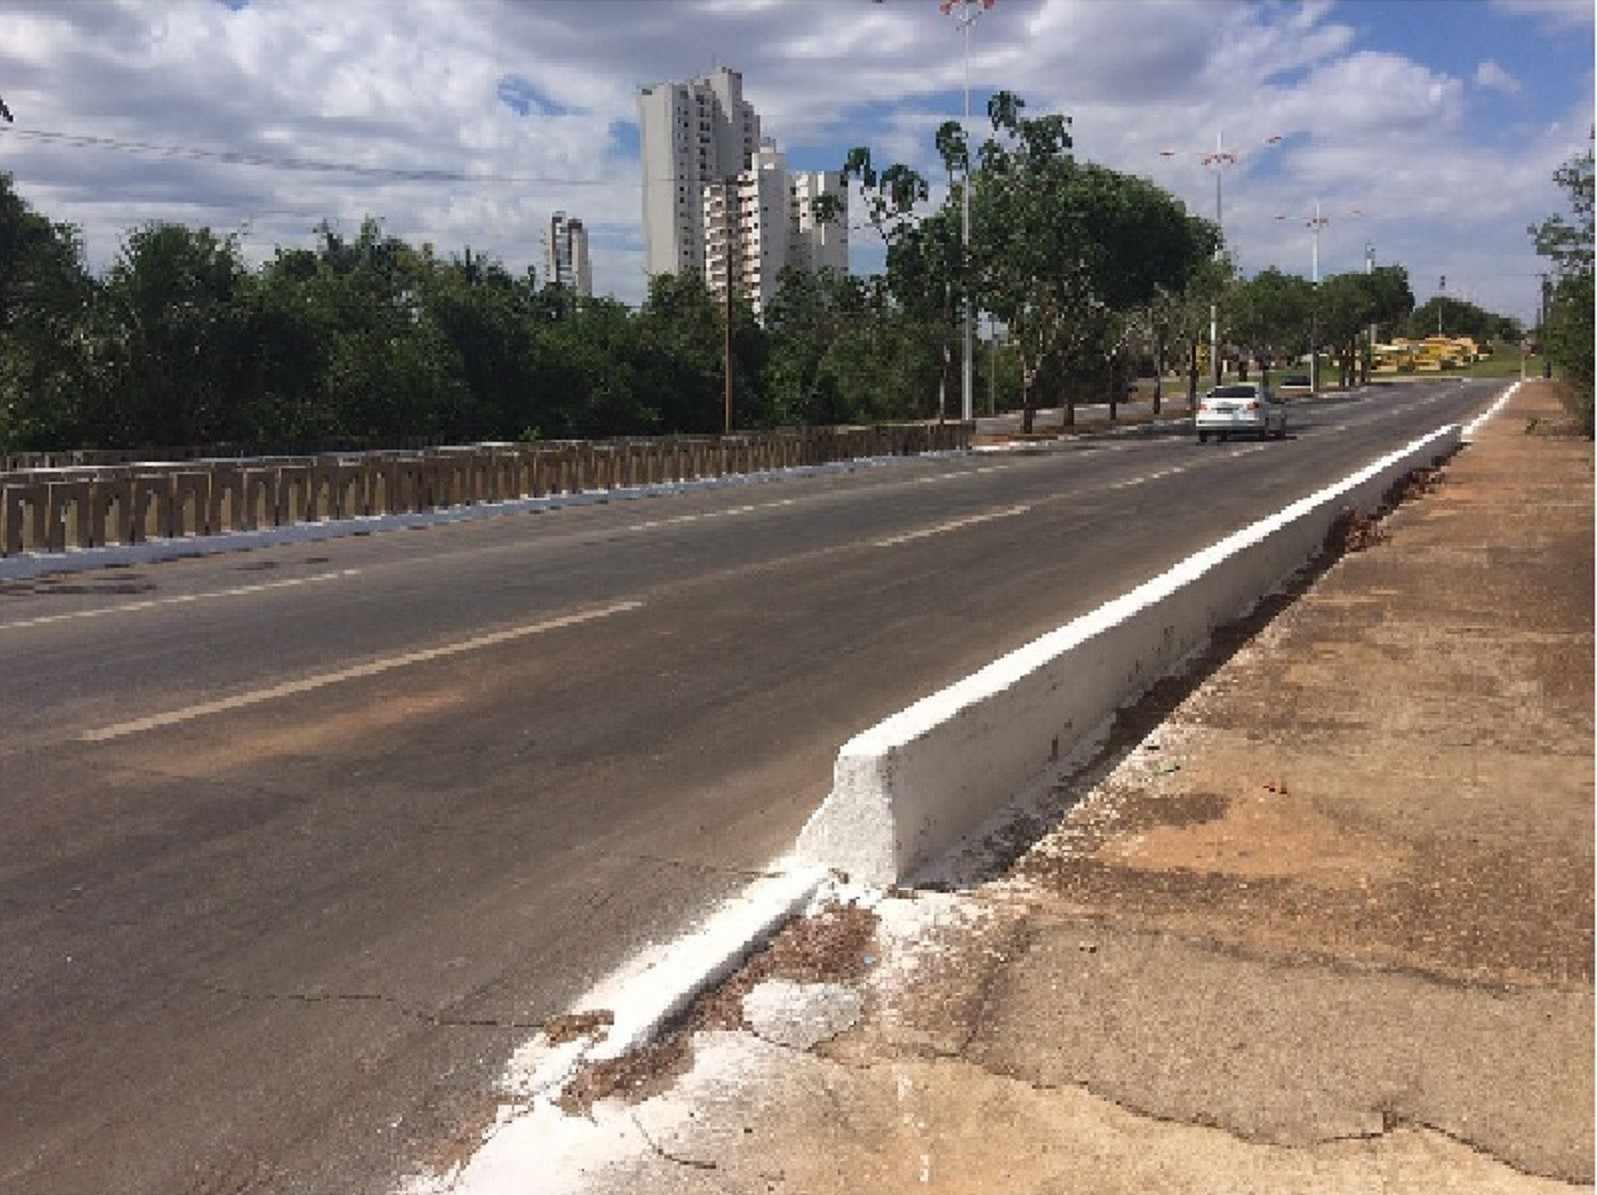 Figura 2 - Ponte estudada na cidade de Palmas- TO